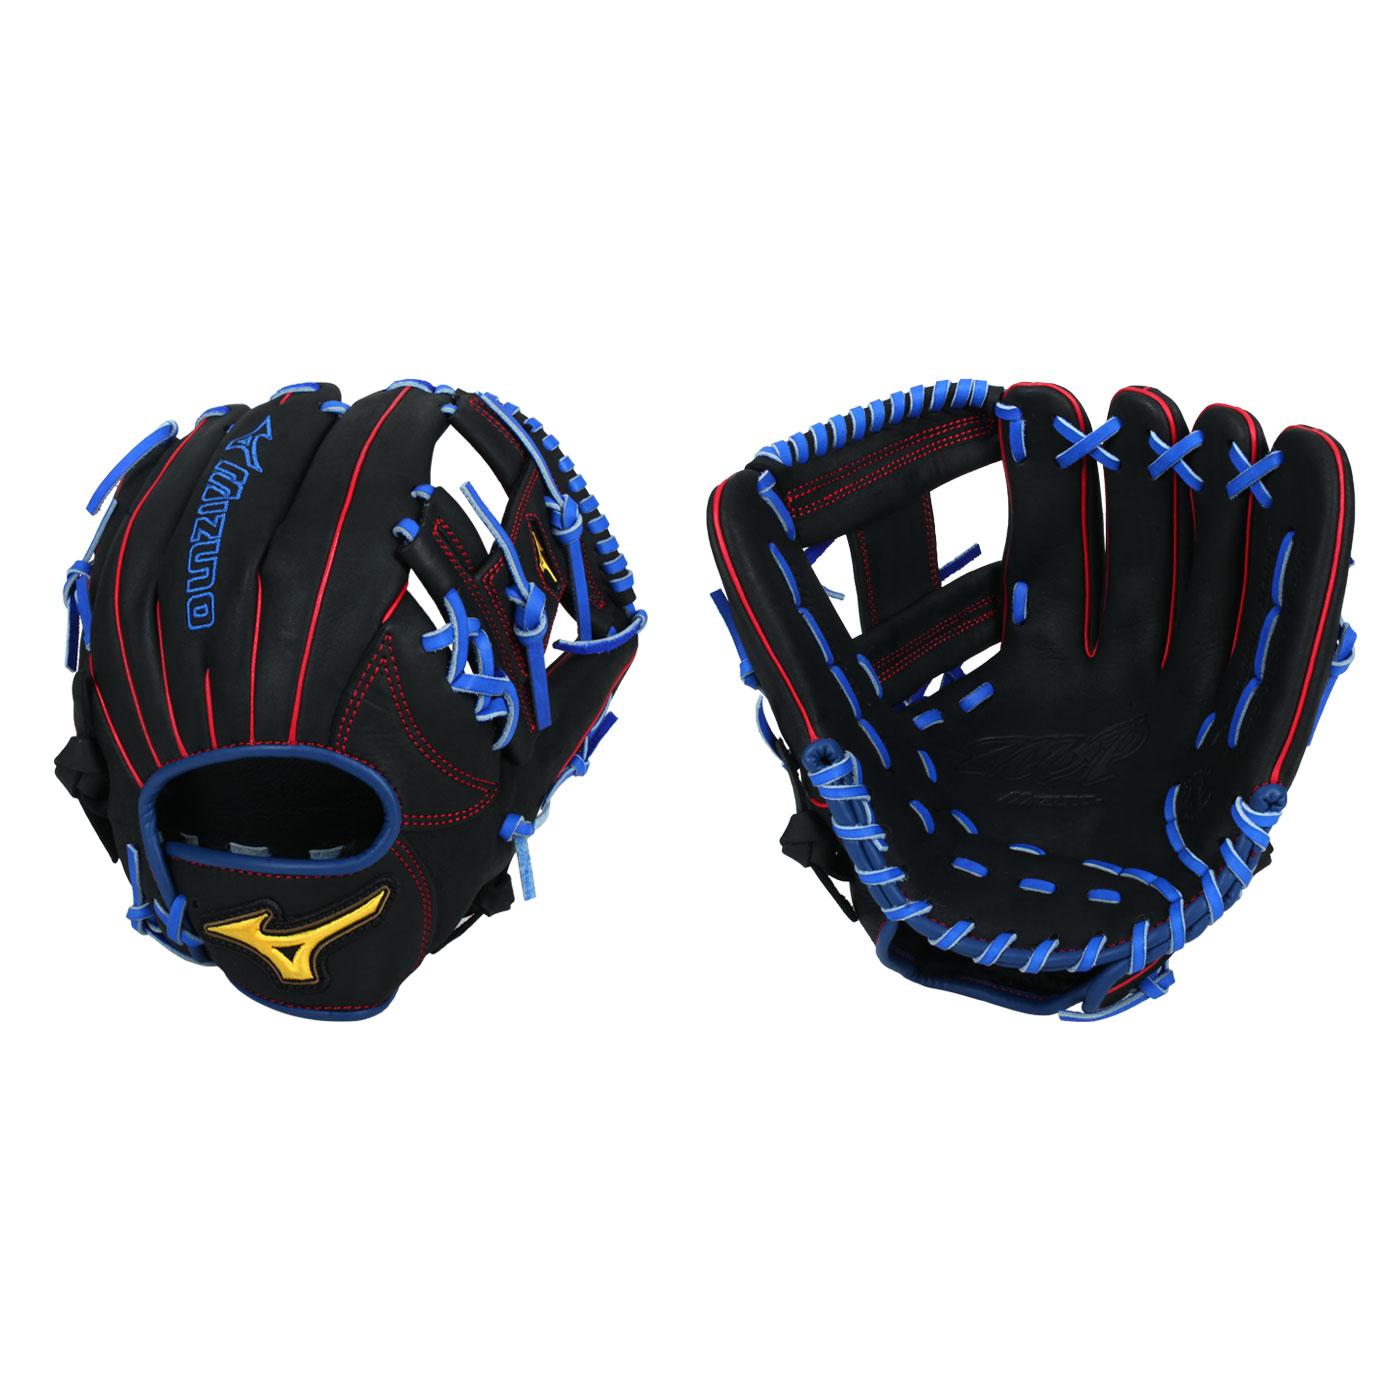 MIZUNO 壘球手套 1ATGS21800-09 - 黑藍紅黃